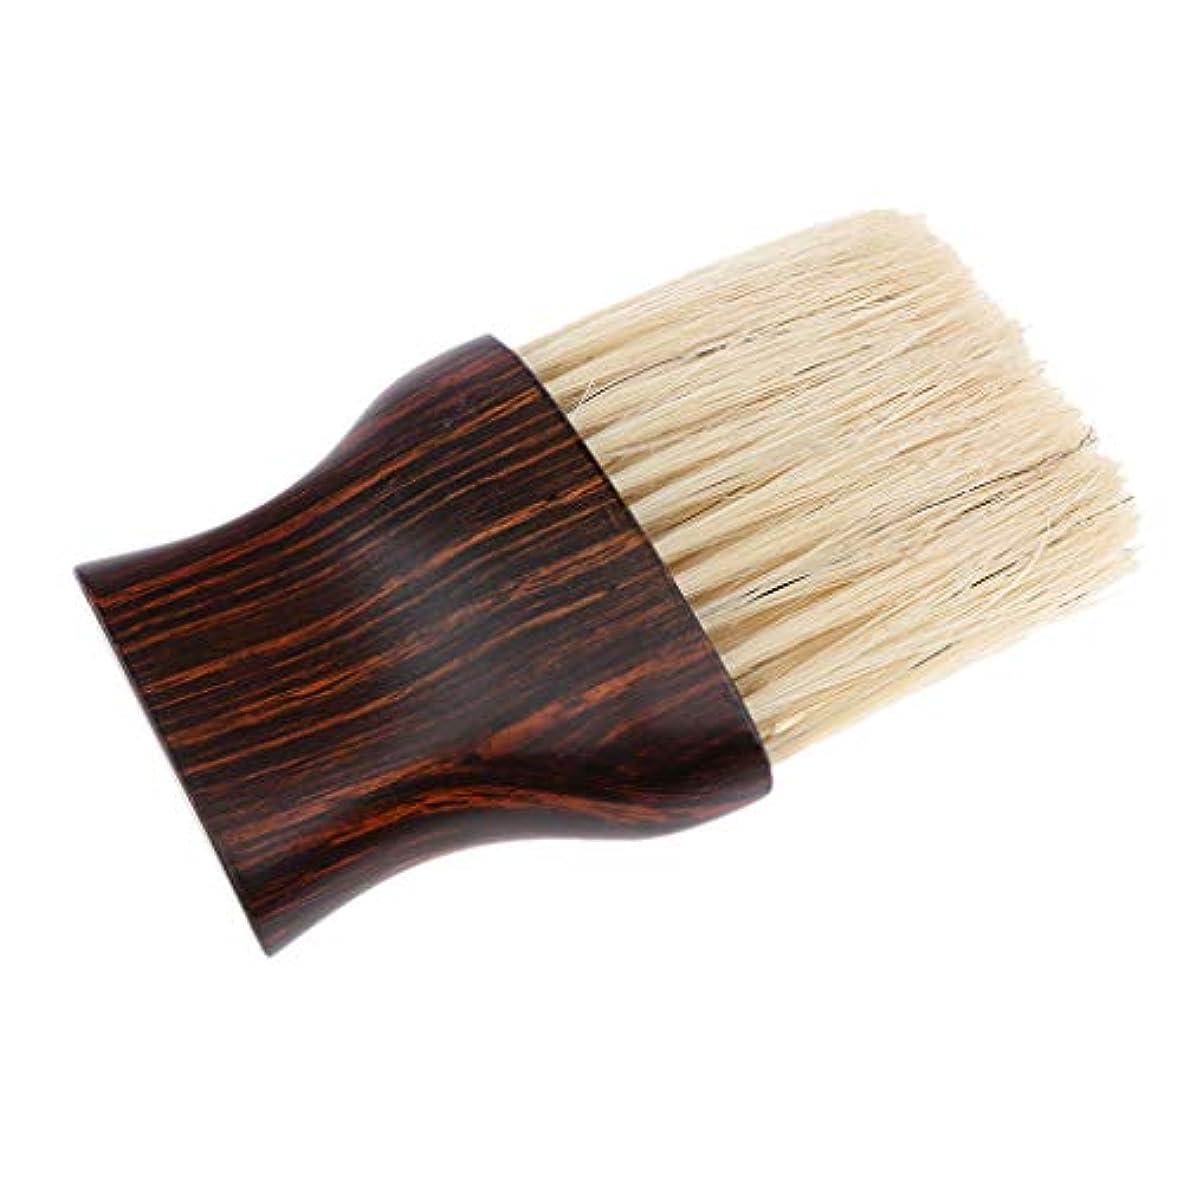 原稿つなぐ競争T TOOYFUL ヘアブラシ 毛払いブラシ 散髪 髪切り 散髪用ツール 床屋 理髪店 美容院 ソフトブラシ